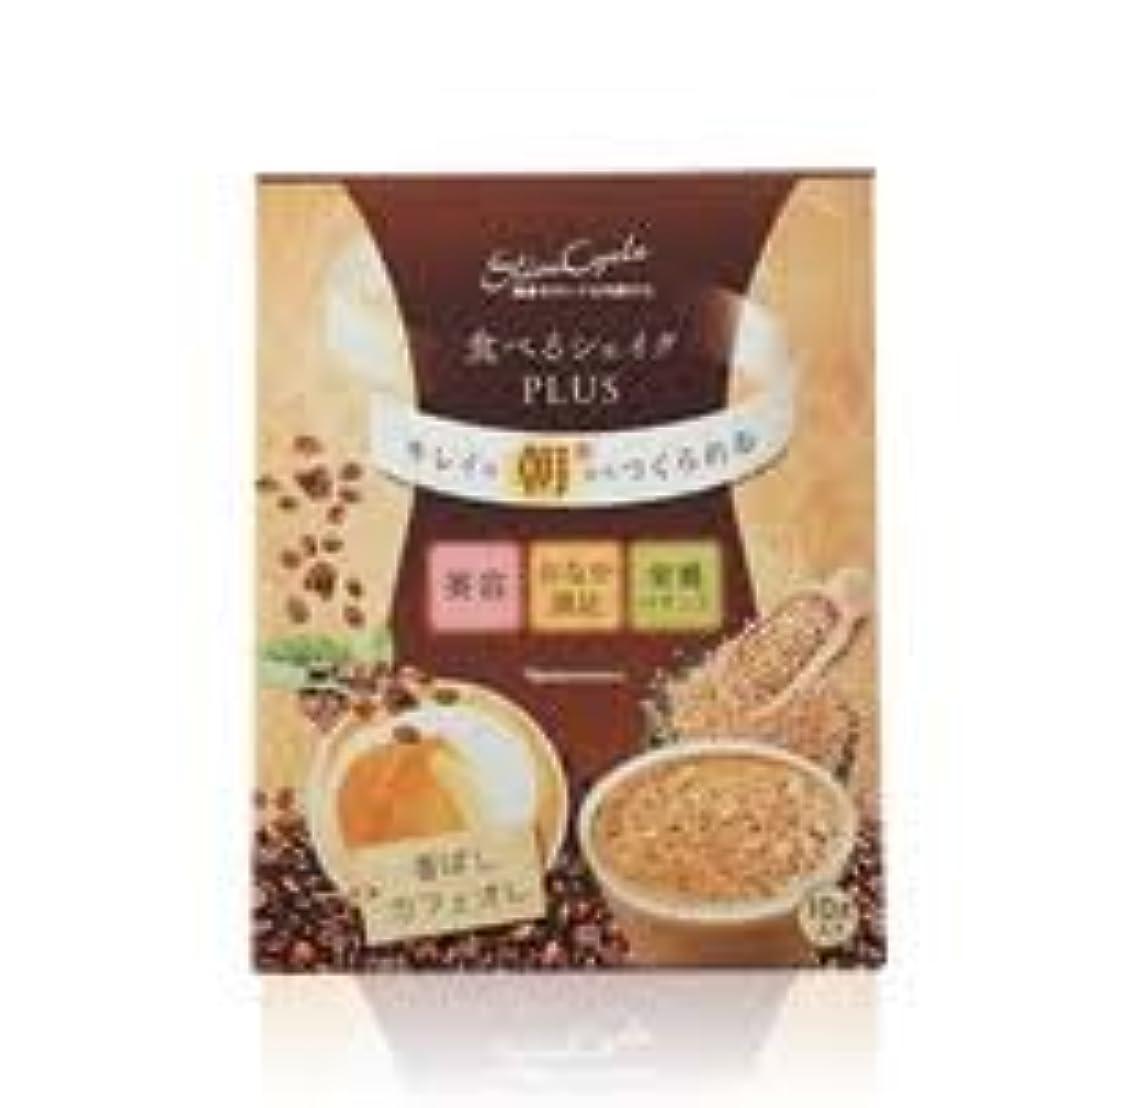 と雑種ポールナリス 食べるシェイクPLUS 香ばしいカフェオレ